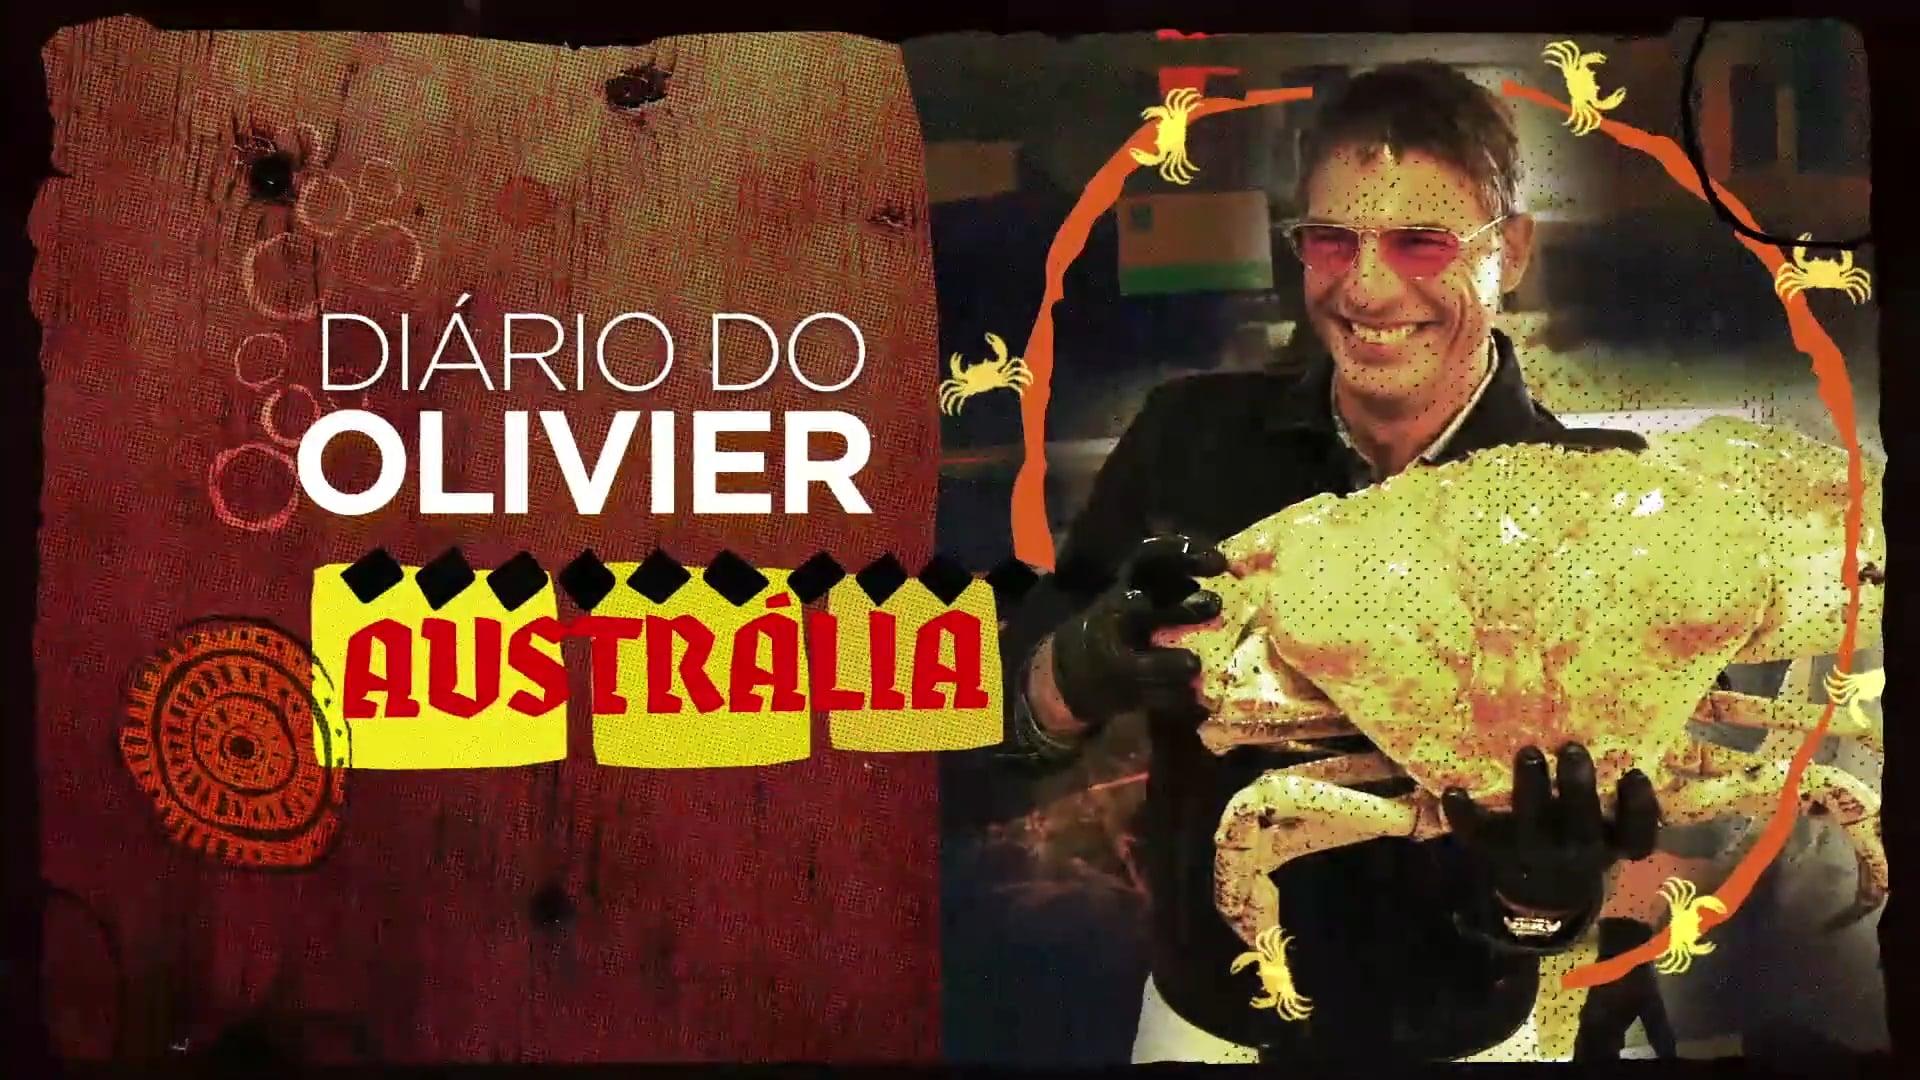 Diario do Olivier_AUSTRALIA